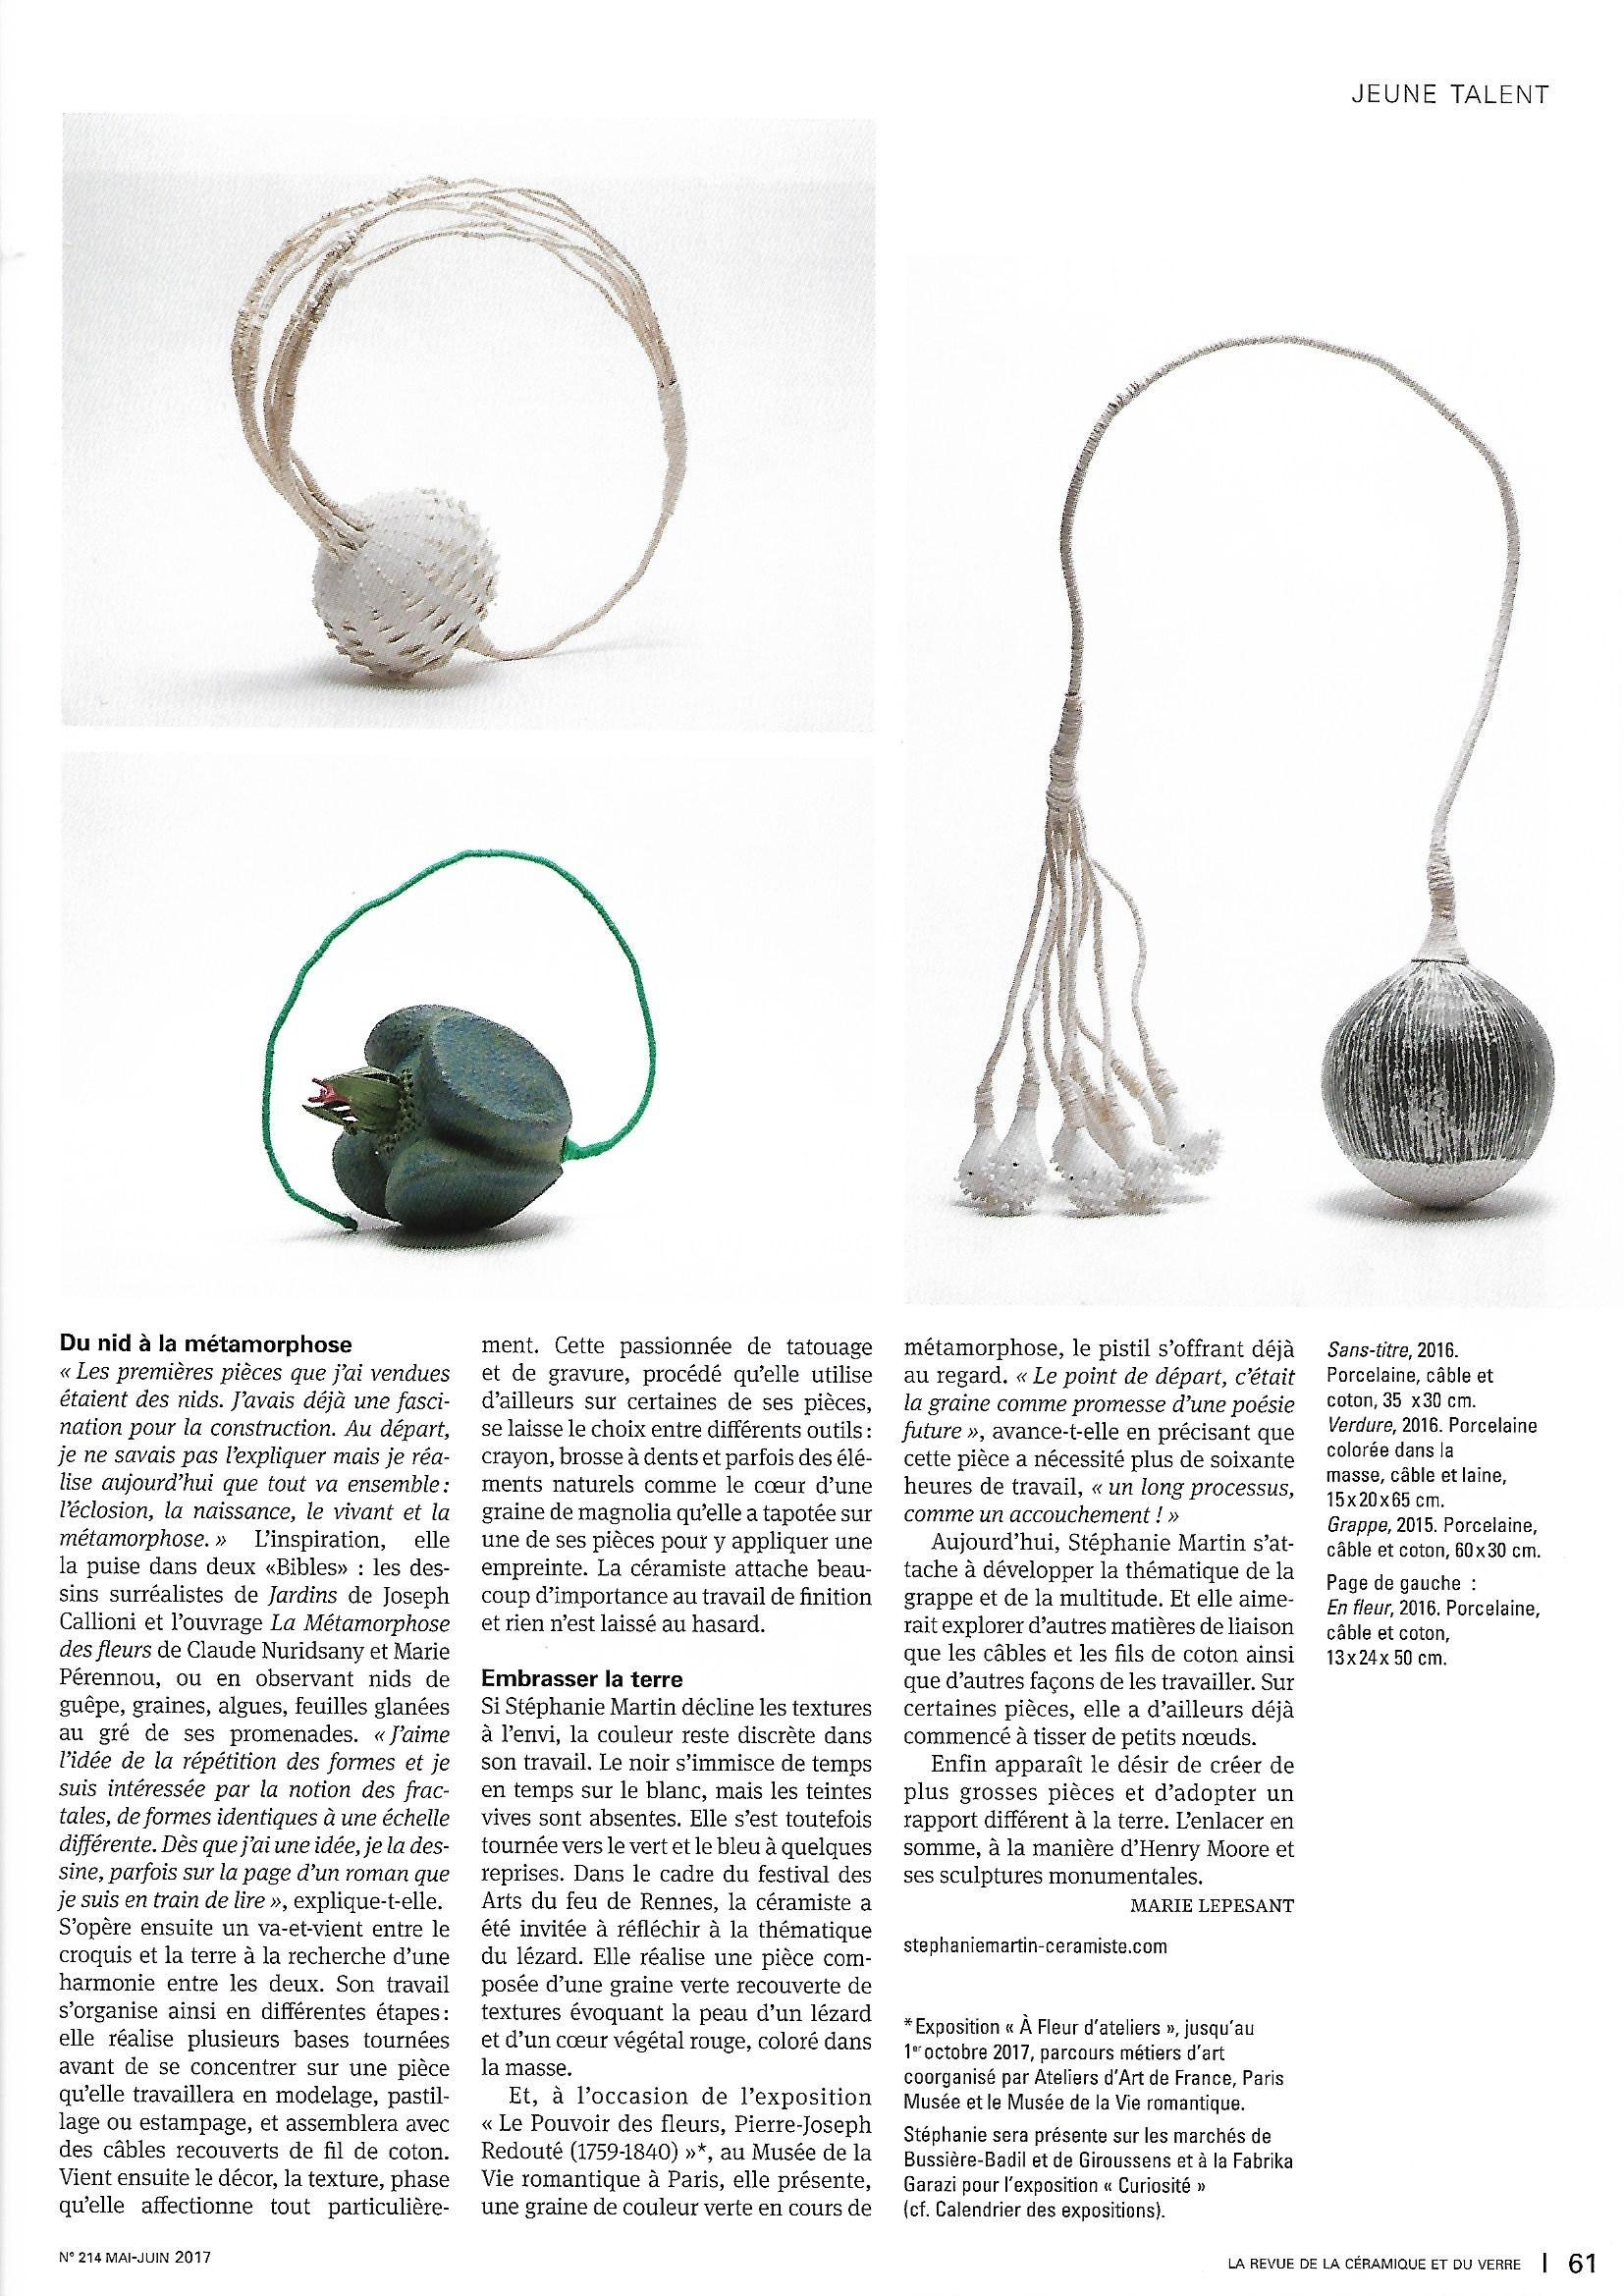 Article Revue de la Céramique et du verre_0002